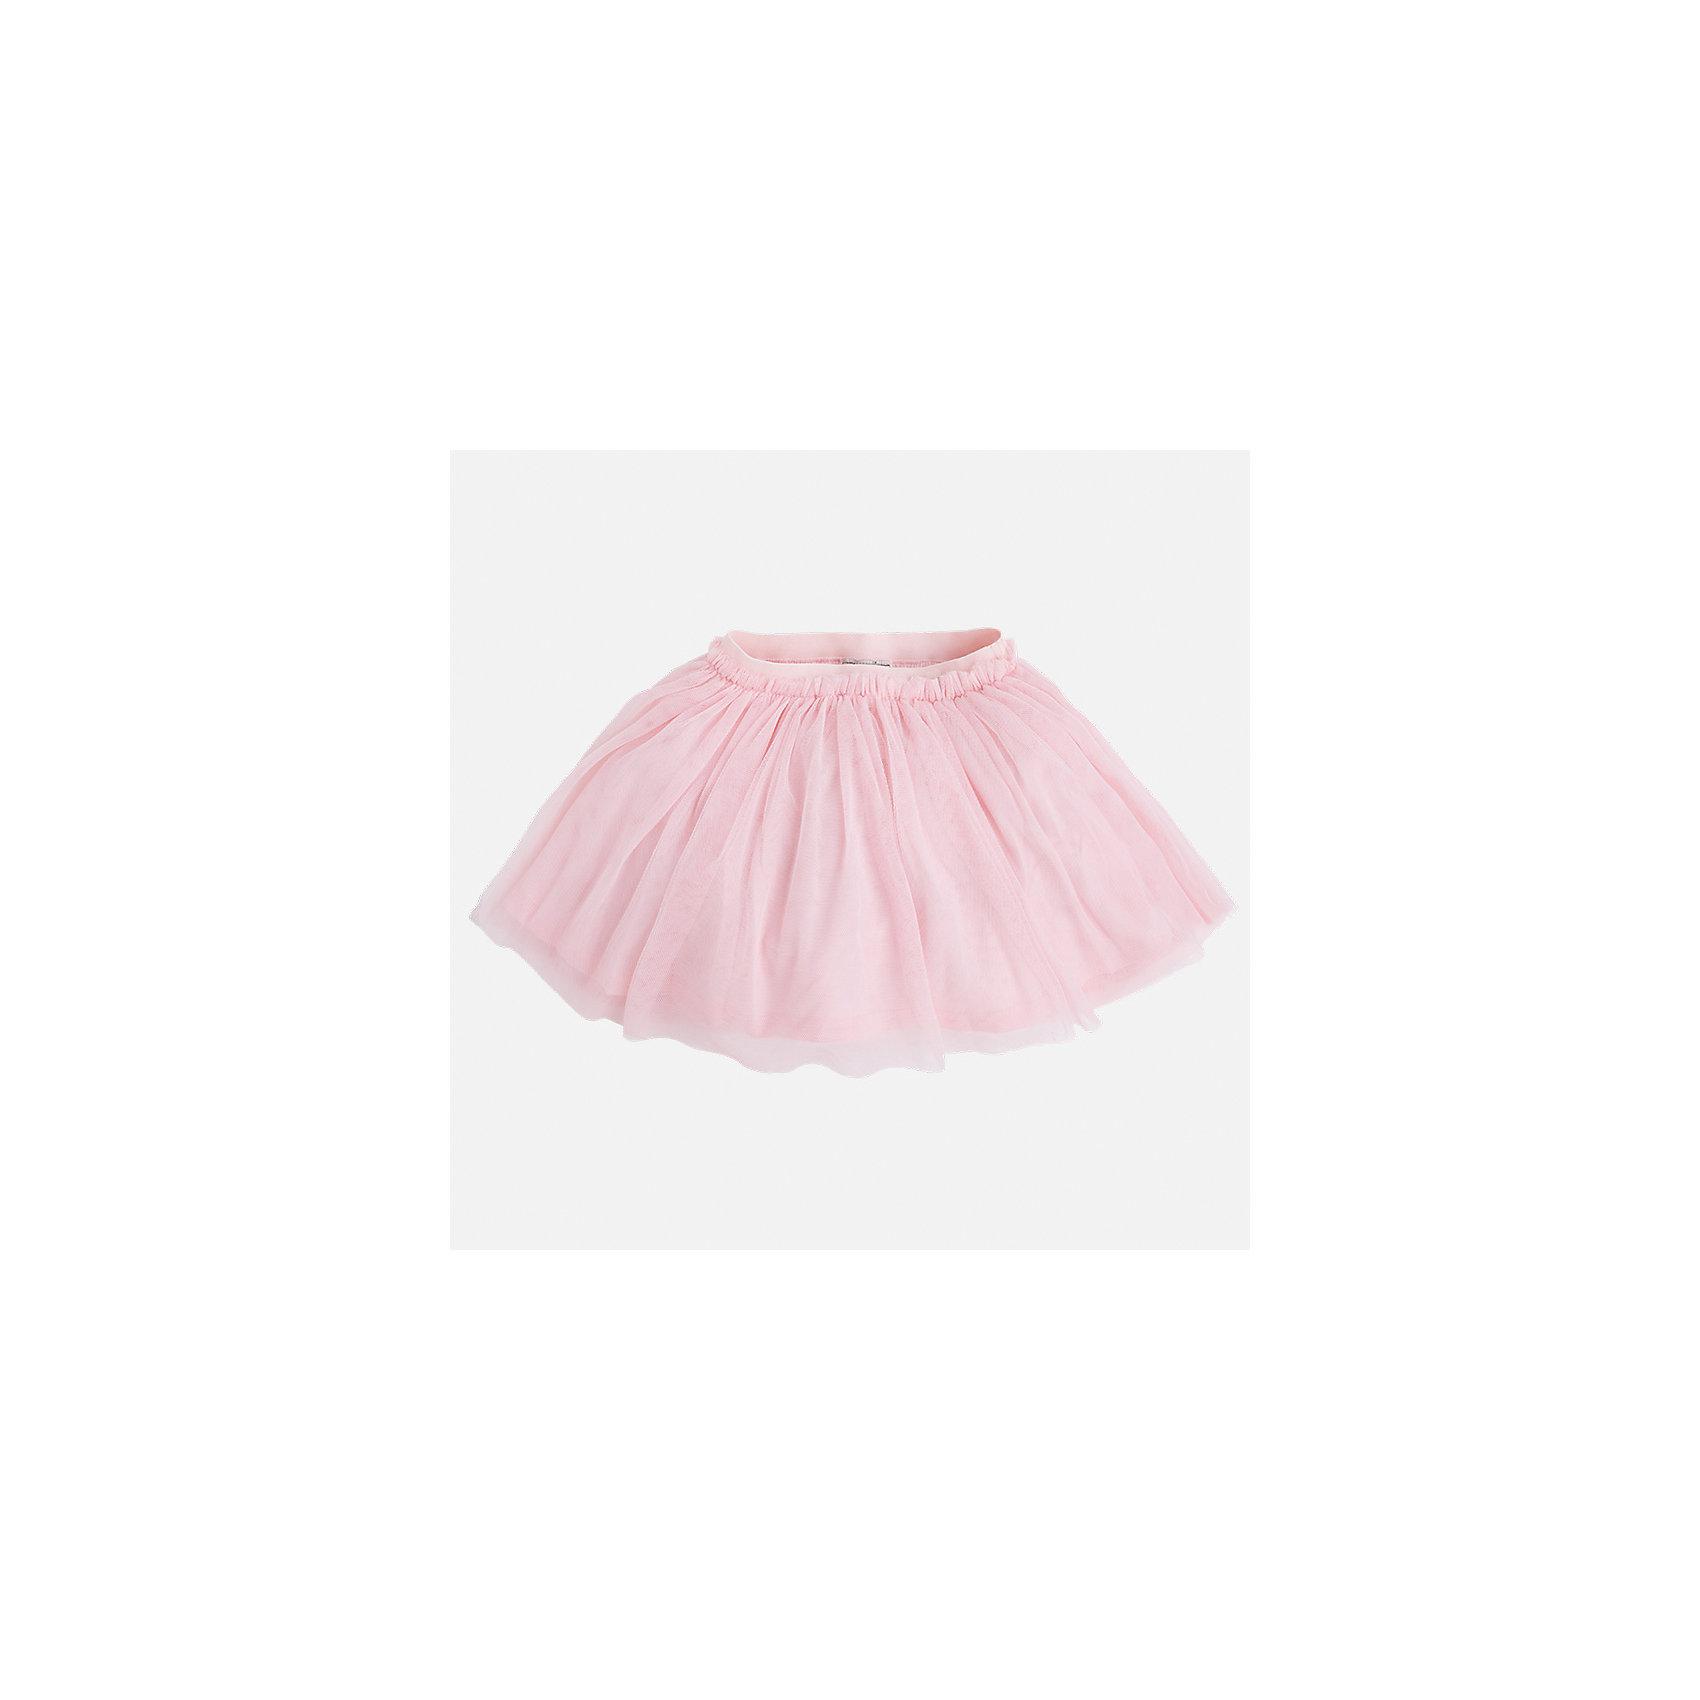 Юбка для девочки MayoralОдежда<br>Характеристики товара:<br><br>• цвет: розовый<br>• состав: 100% полиэстер, подкладка - 100% хлопок<br>• пояс на резинке<br>• легкий материал<br>• с подкладкой<br>• объемная<br>• страна бренда: Испания<br><br>Легкая юбка для девочки поможет разнообразить гардероб ребенка и создать эффектный наряд. Она отлично сочетаются с майками, футболками, блузками. Красивый оттенок позволяет подобрать к вещи верх разных расцветок. В составе материала подкладки - натуральный хлопок, гипоаллергенный, приятный на ощупь, дышащий. Юбка отлично сидит и не стесняет движения.<br><br>Одежда, обувь и аксессуары от испанского бренда Mayoral полюбились детям и взрослым по всему миру. Модели этой марки - стильные и удобные. Для их производства используются только безопасные, качественные материалы и фурнитура. Порадуйте ребенка модными и красивыми вещами от Mayoral! <br><br>Юбку для девочки от испанского бренда Mayoral (Майорал) можно купить в нашем интернет-магазине.<br><br>Ширина мм: 207<br>Глубина мм: 10<br>Высота мм: 189<br>Вес г: 183<br>Цвет: розовый<br>Возраст от месяцев: 96<br>Возраст до месяцев: 108<br>Пол: Женский<br>Возраст: Детский<br>Размер: 134,104,92,98,110,116,122,128<br>SKU: 5290912